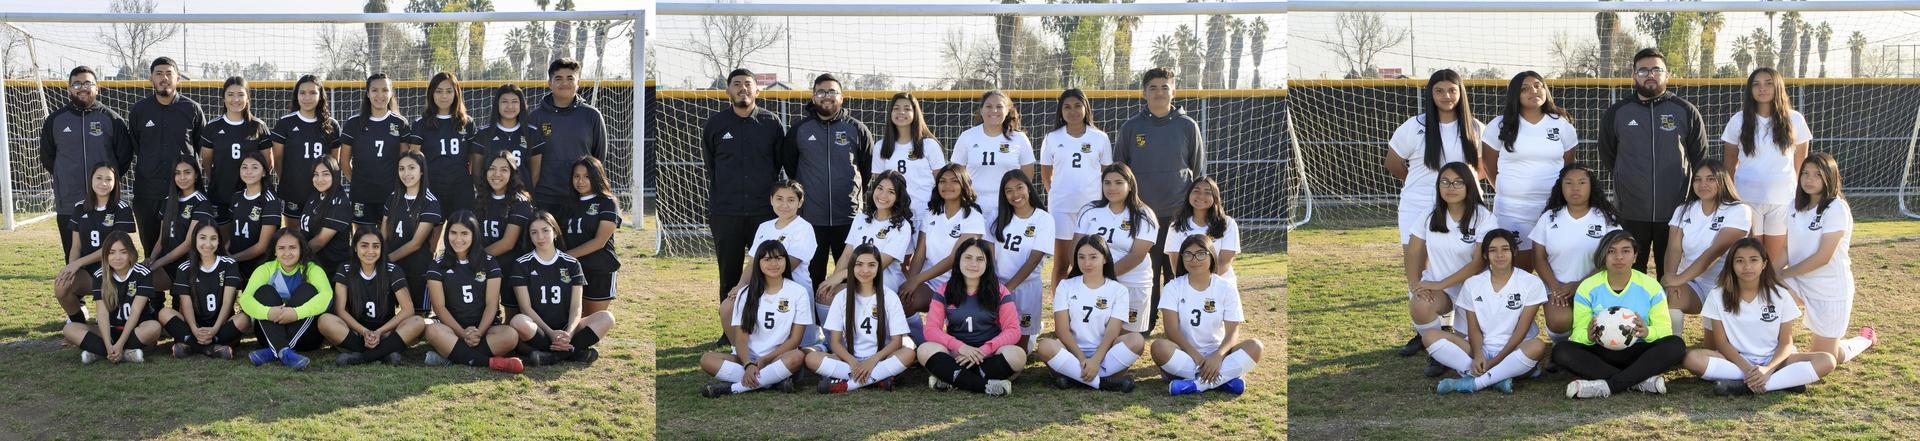 Girls Soccer 2019-2020